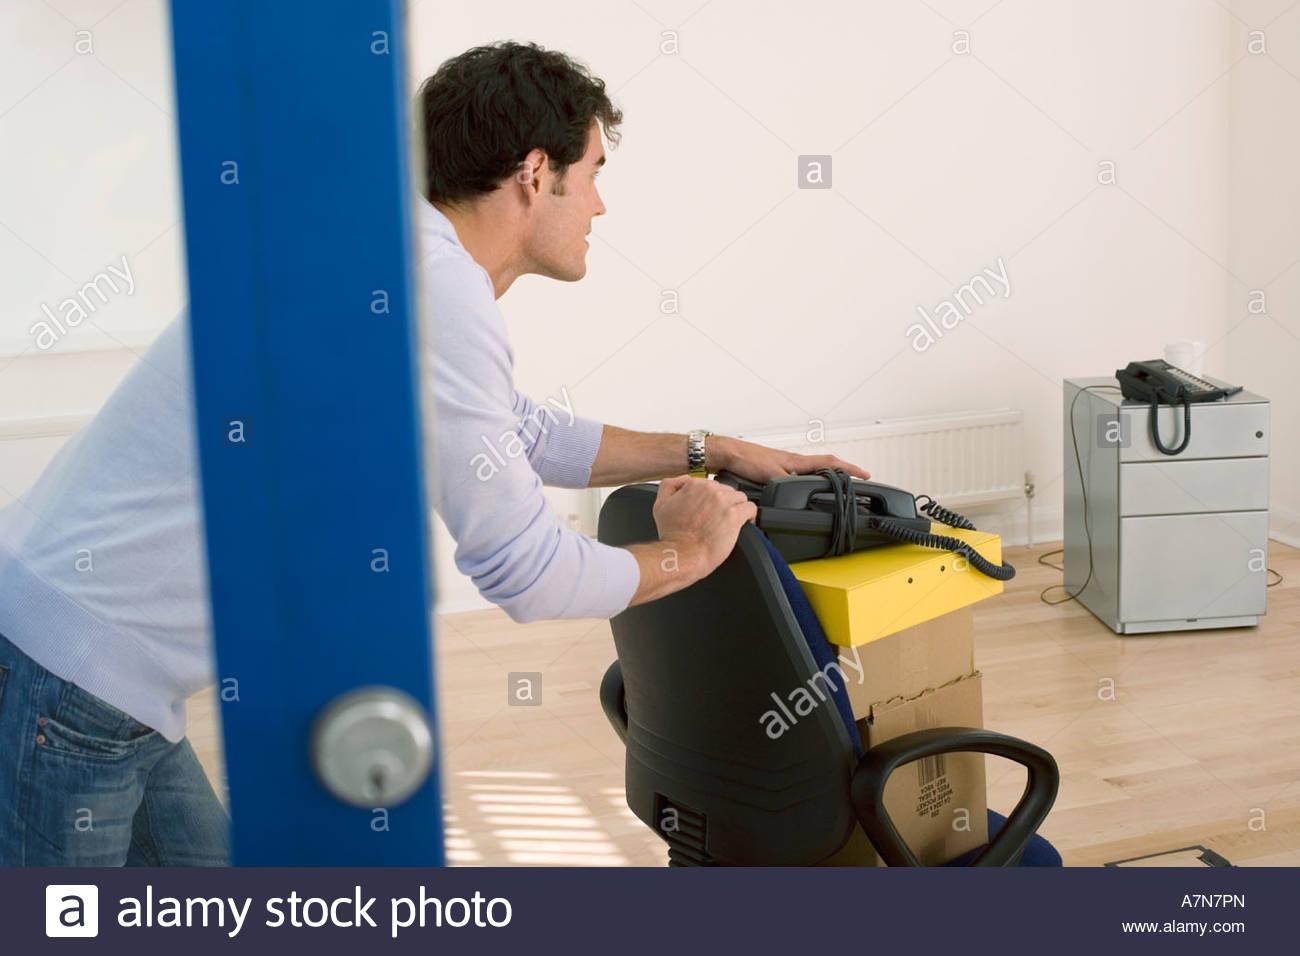 Empresario con silla de oficina para mover las cajas en la oficina vacía vista lateral Imagen De Stock